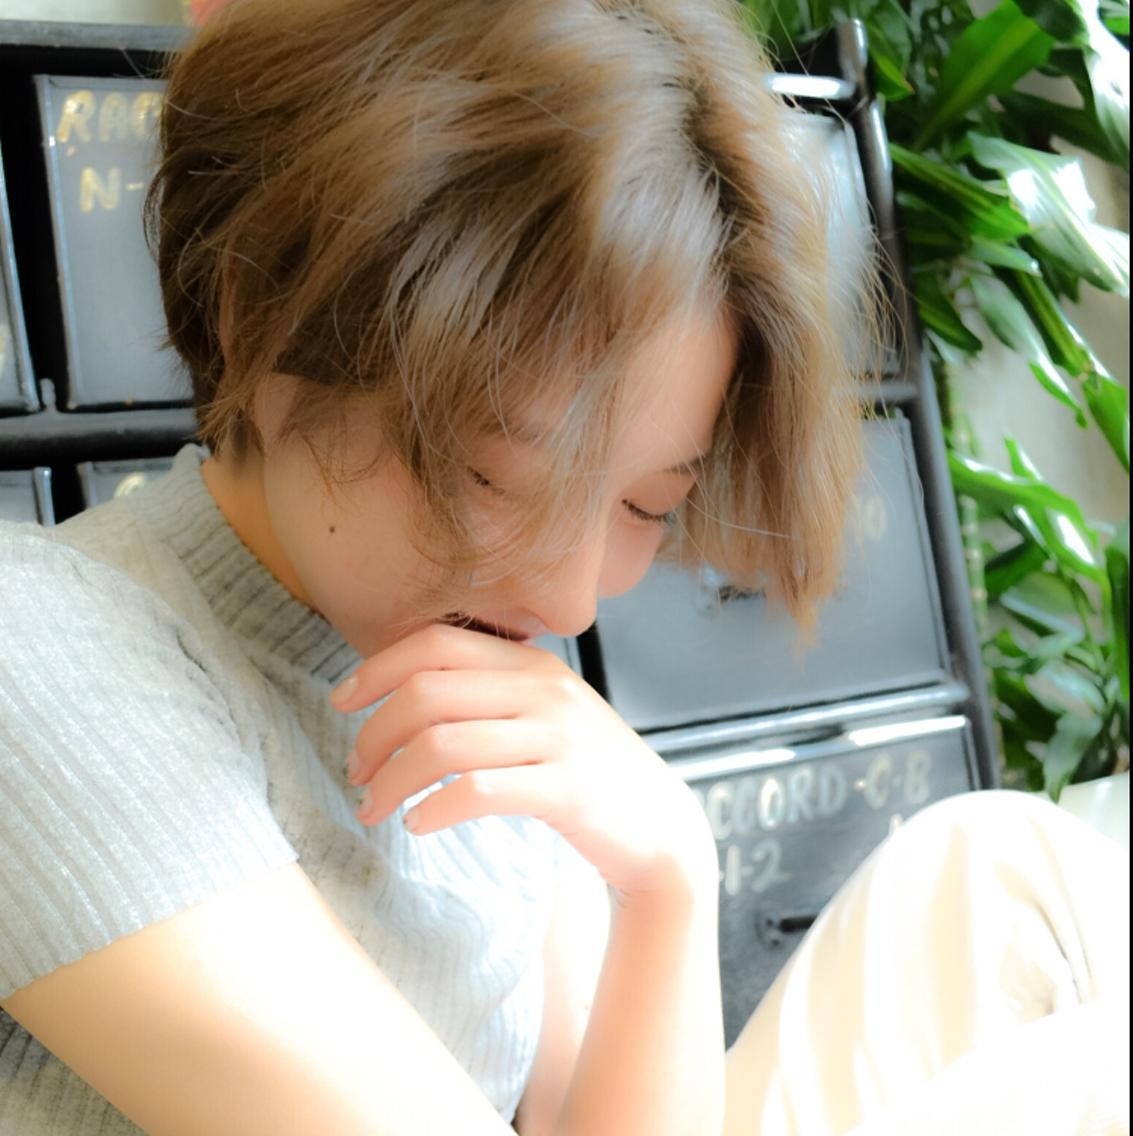 【三軒茶屋】☆★カット&モロッカンカラー¥4900☆★当日土日もOK!!プチプラで可愛くキレイに♪